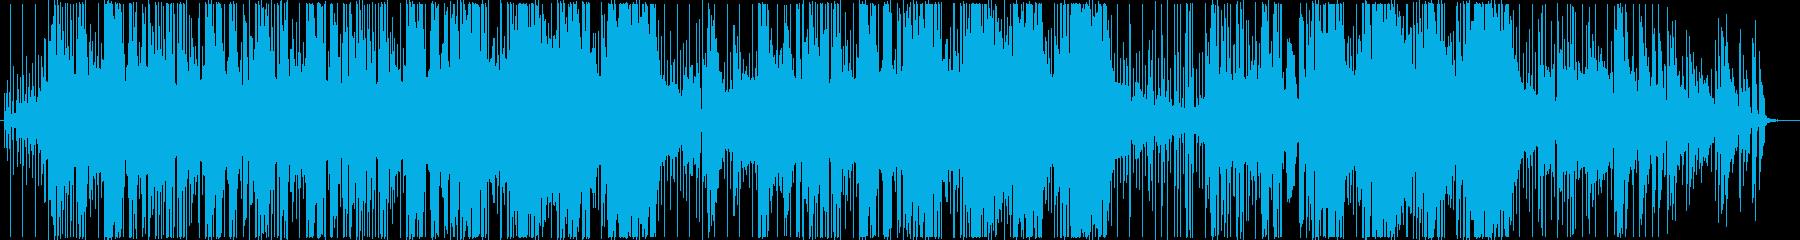 アコースティック系ポップ、チルの再生済みの波形